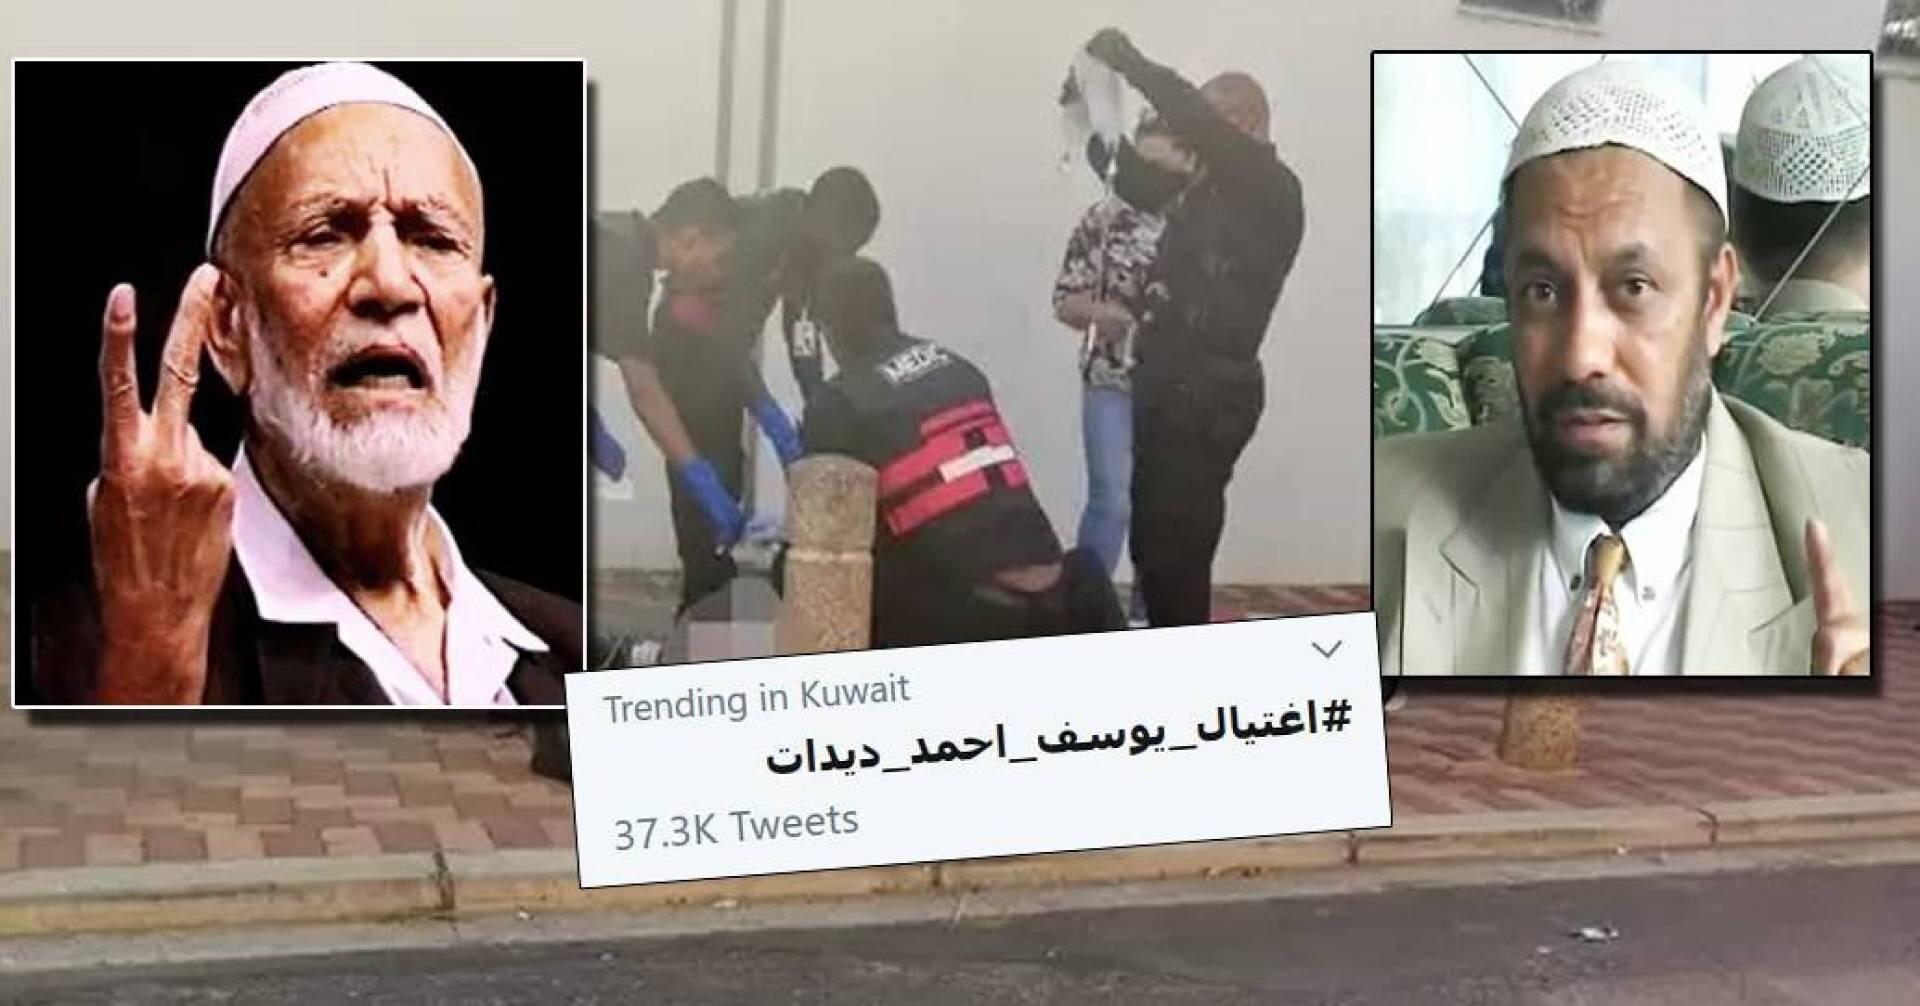 img 8152 - يوسف أحمد ديدات.. يتعرض لمحاولة اغتيال في جنوب أفريقيا